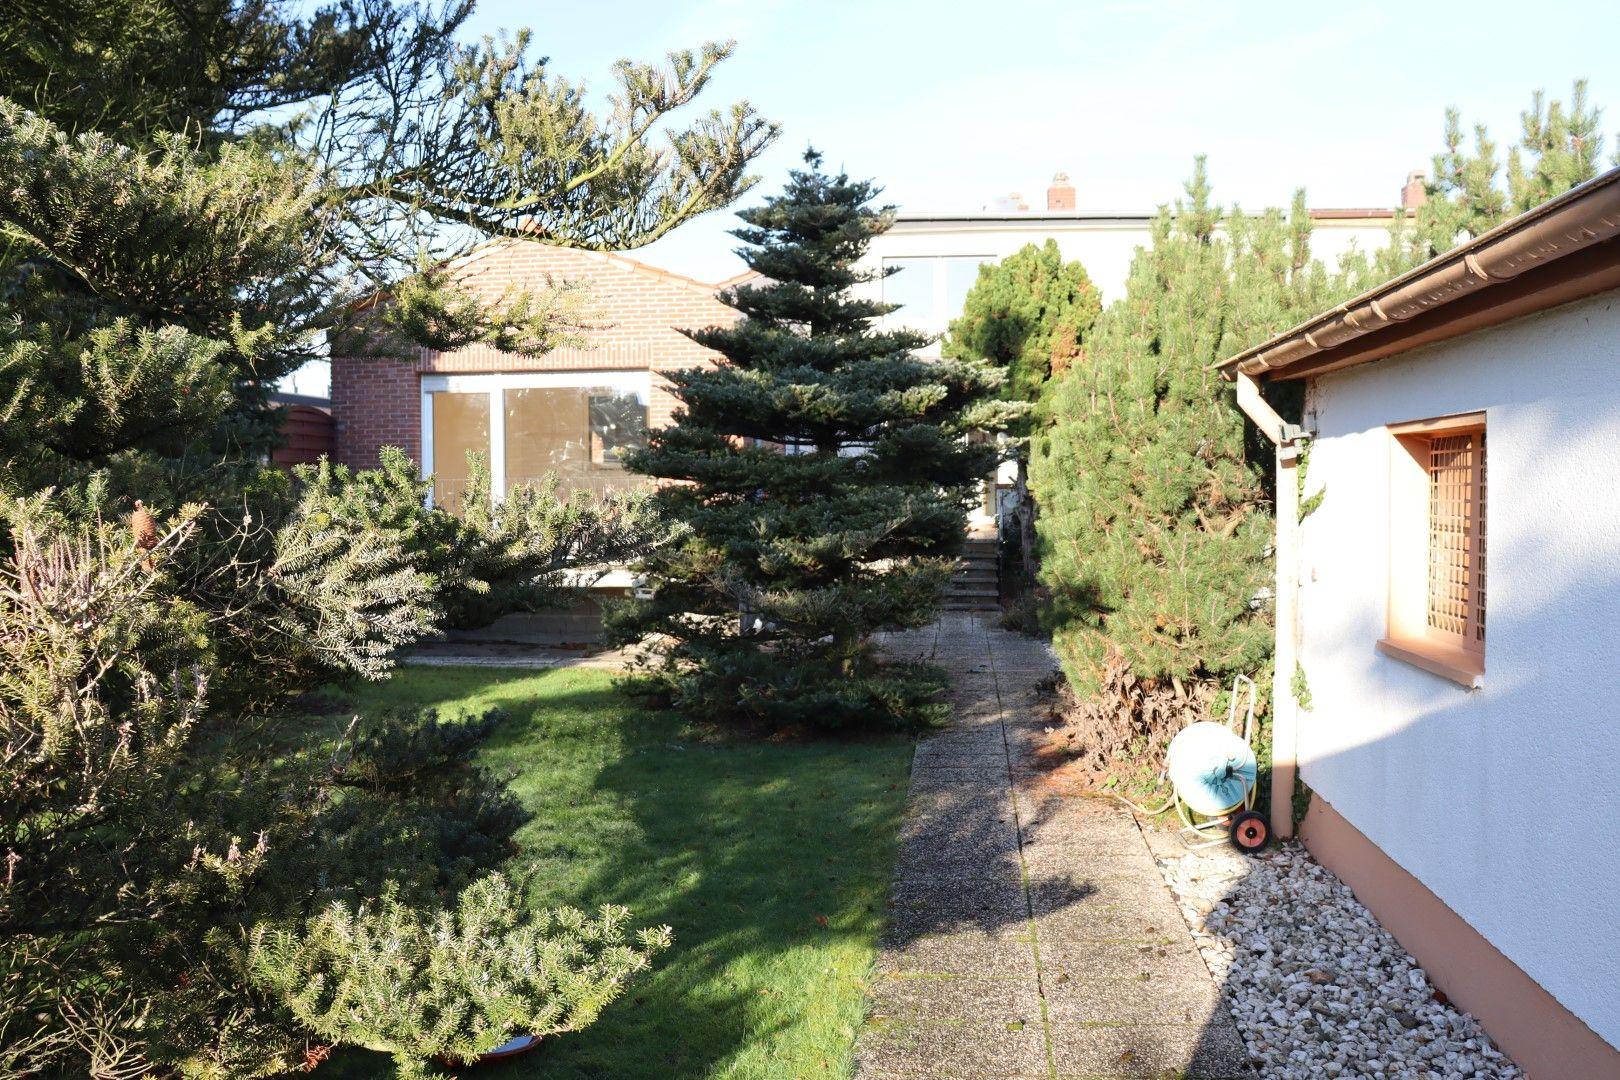 Immobilie Nr.0287 - Doppelhaushälfte mit Garten & Terrasse & Garage - Bild 4.jpg